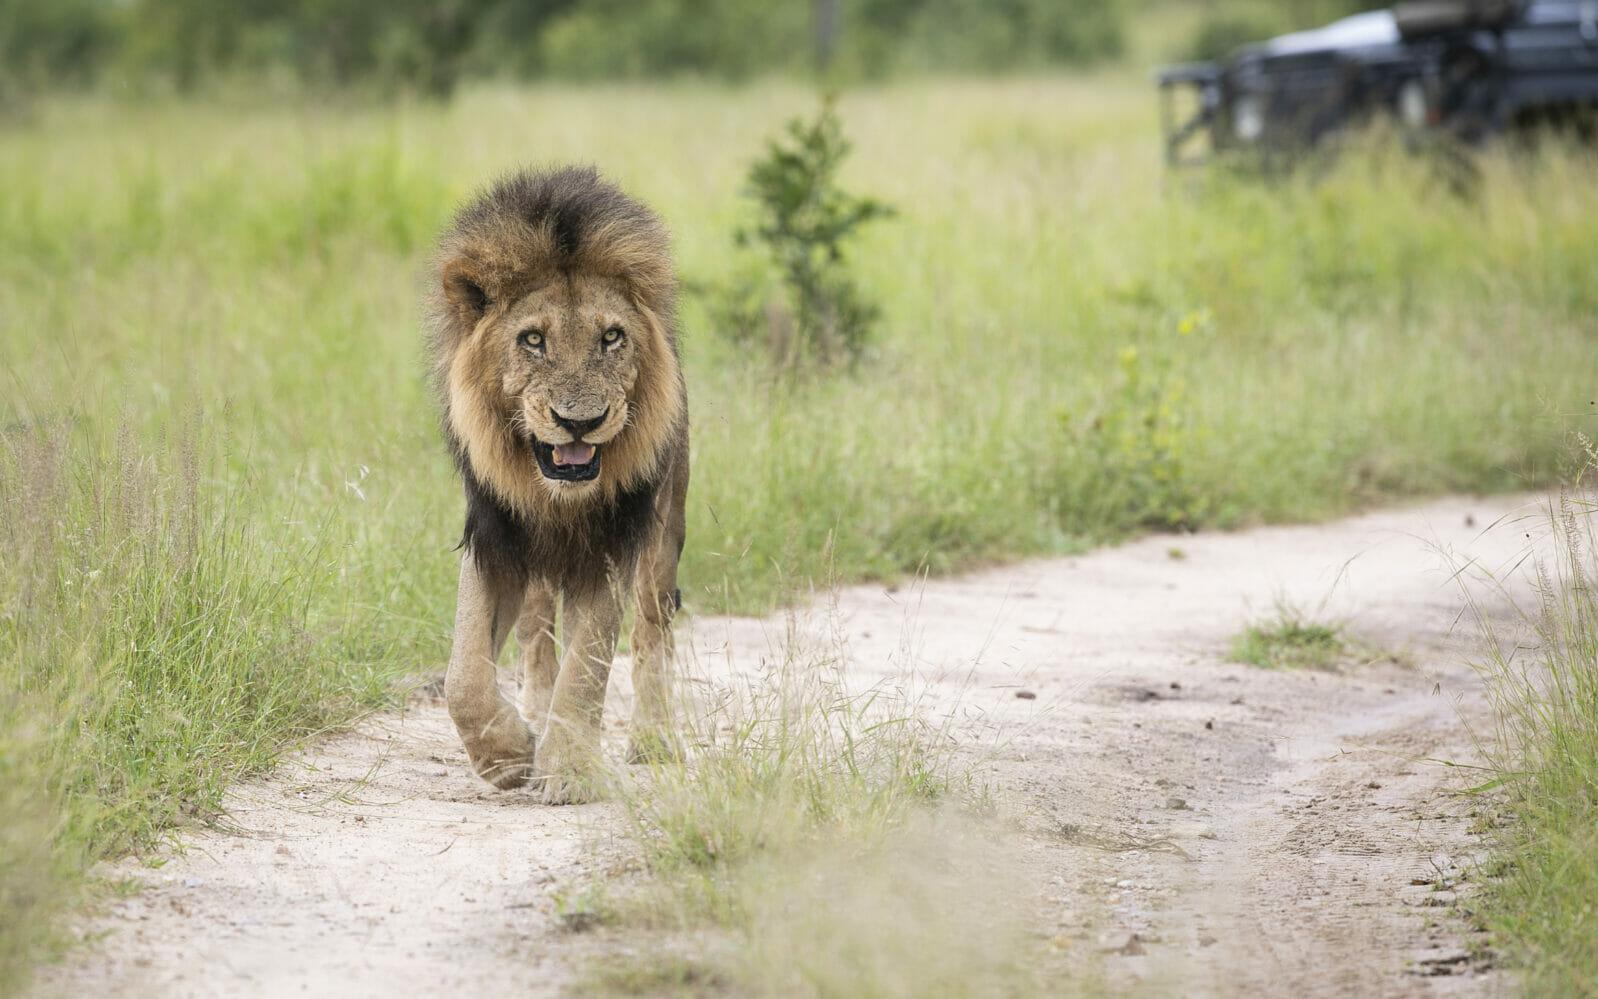 Birmingham Male Lion Grimace